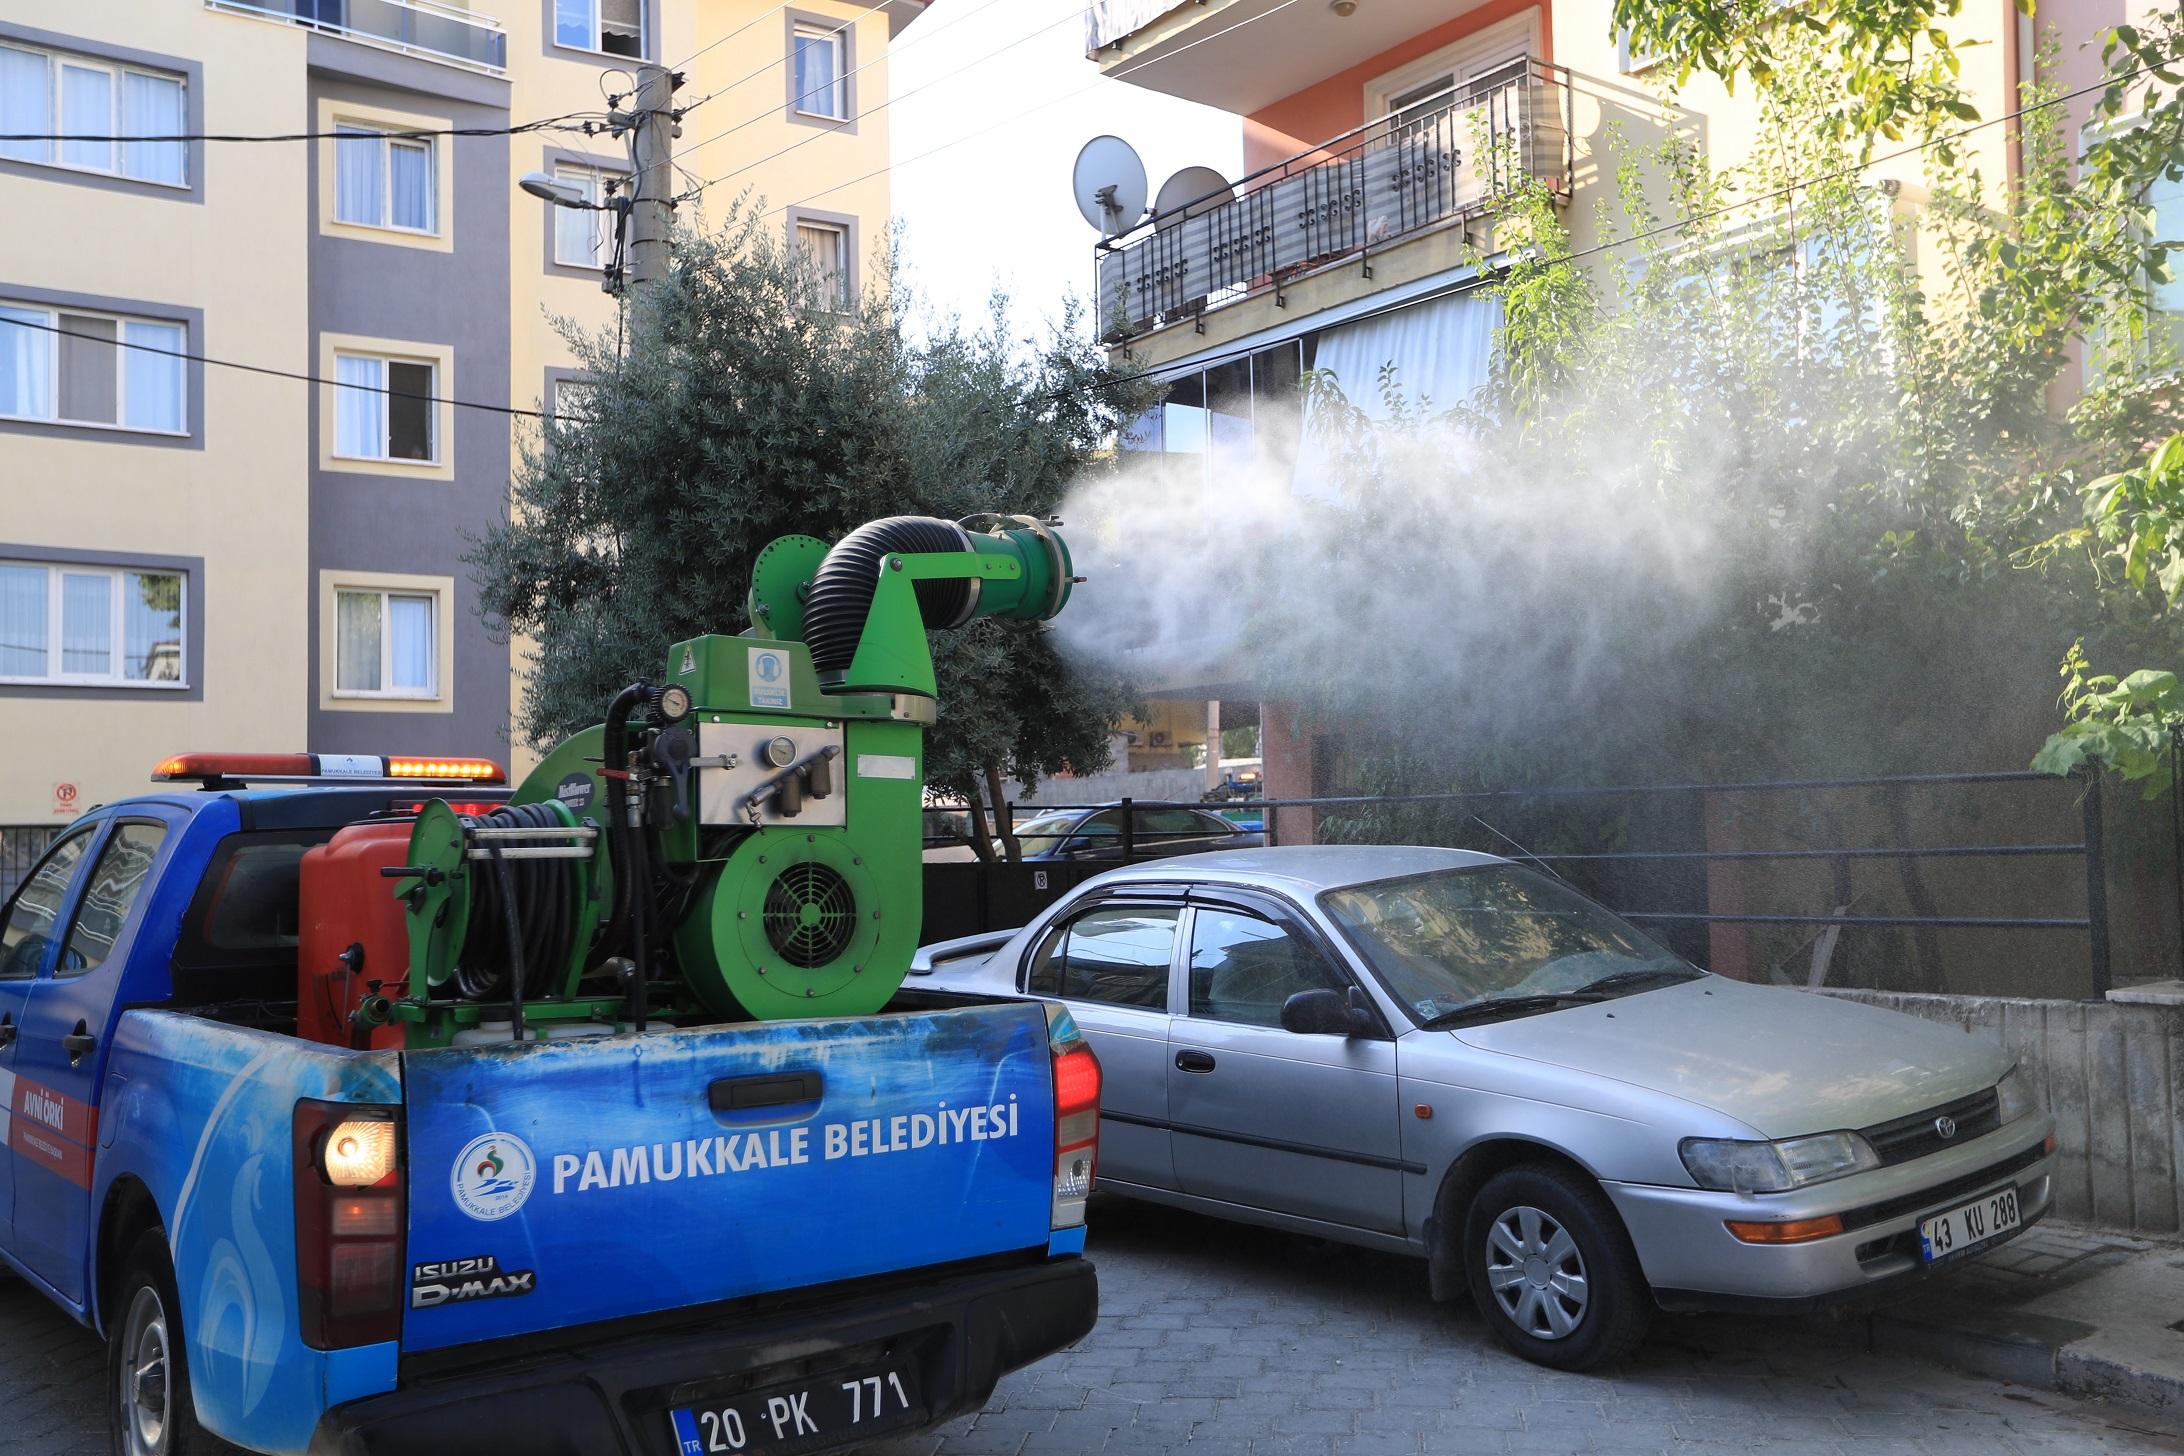 Pamukkale Belediyesi ilaçlamaya devam ediyor